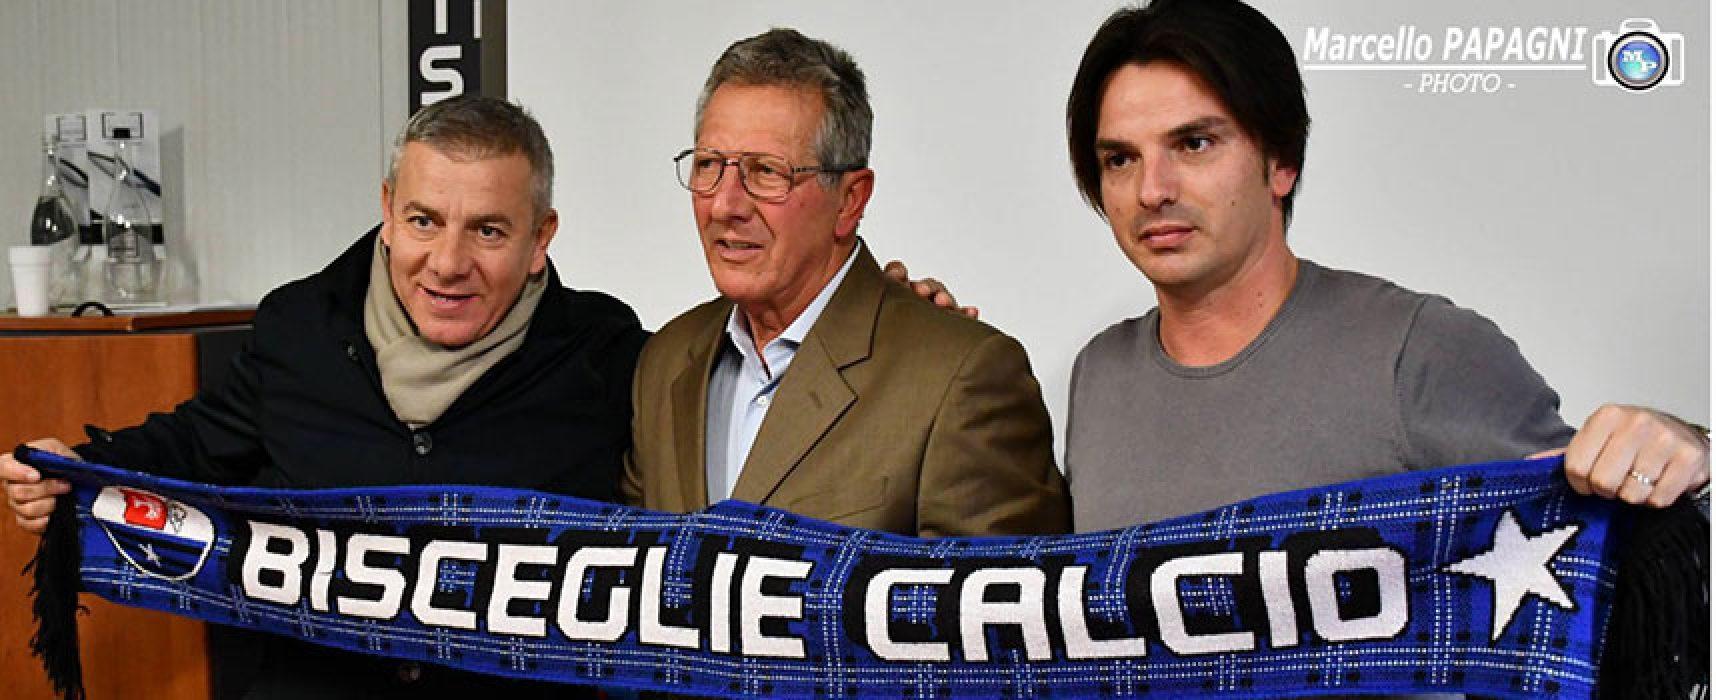 Clamoroso dietrofront Bisceglie Calcio, Materazzi non trova l'accordo e saluta